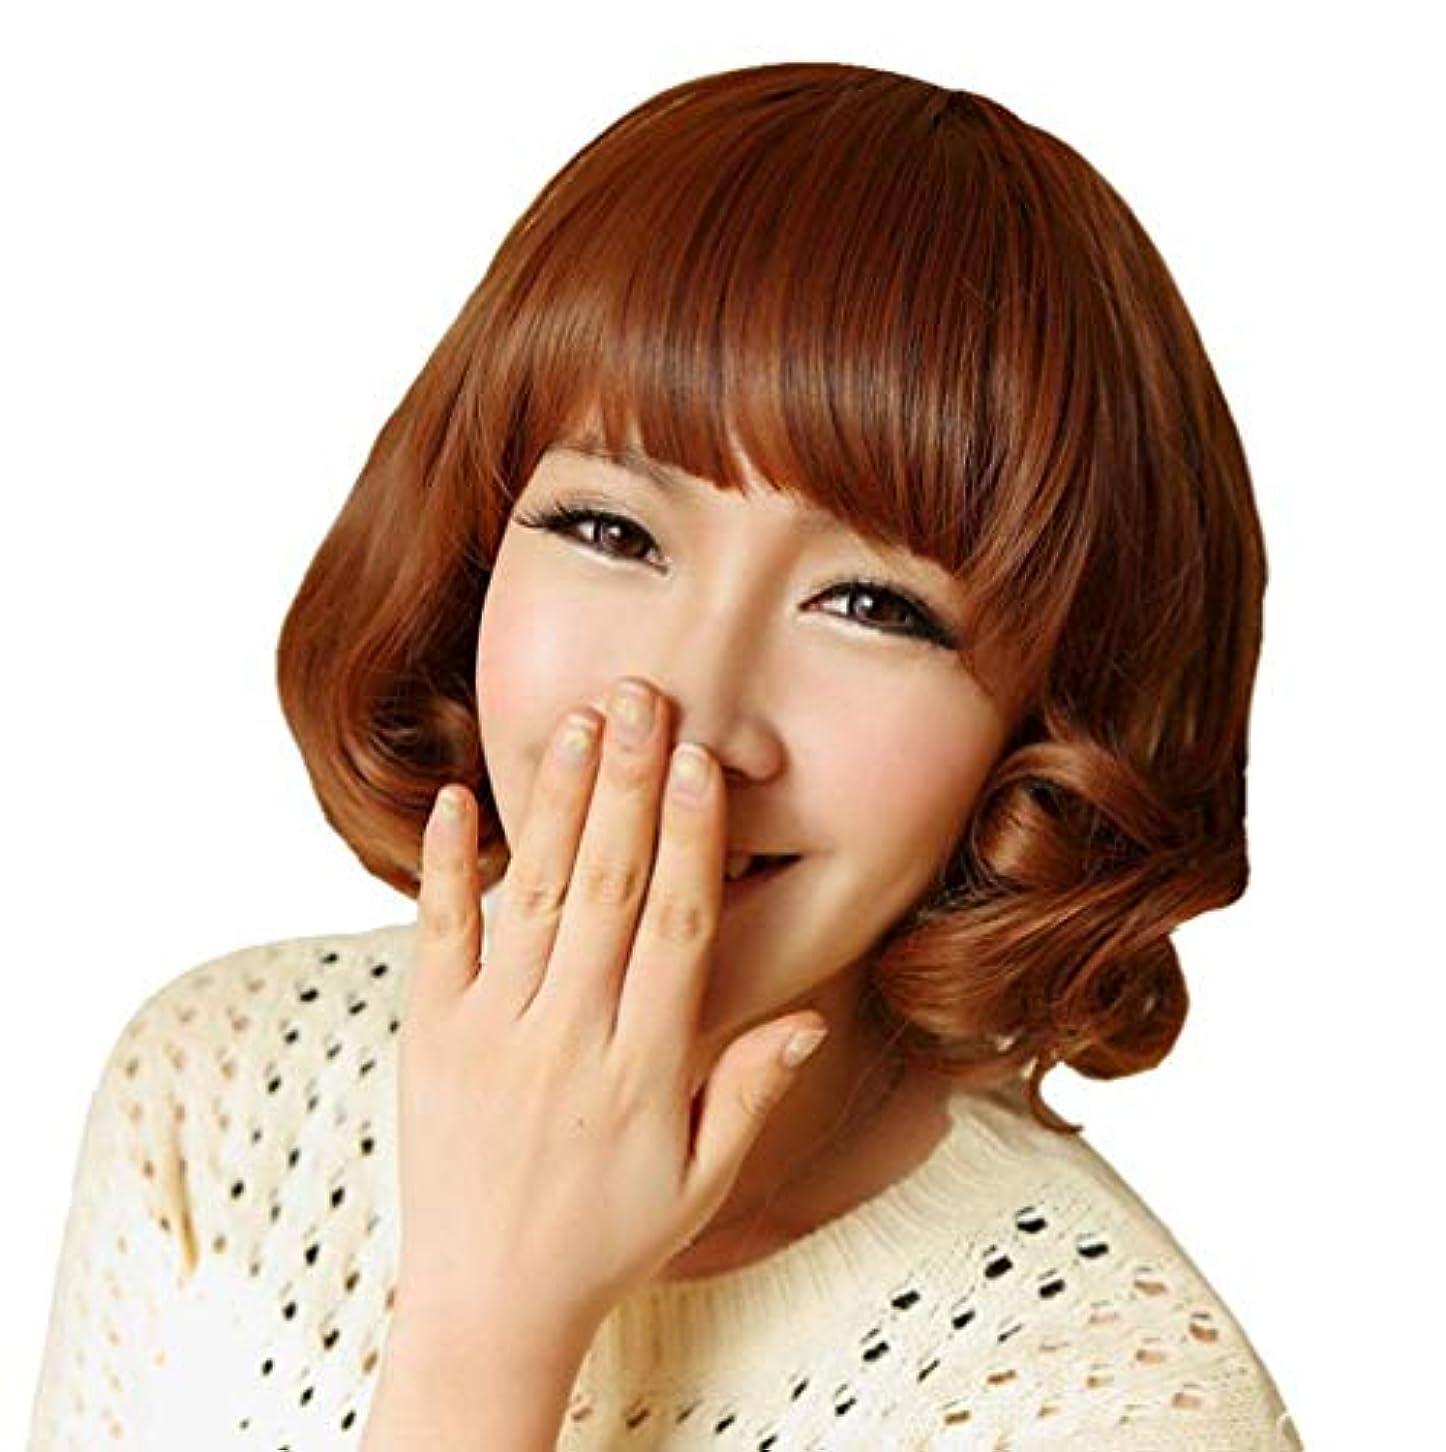 暗唱する専ら脇にかつら女性ショートヘアボボヘッド空気前髪現実的な髪型 LH2206 (画像の色)